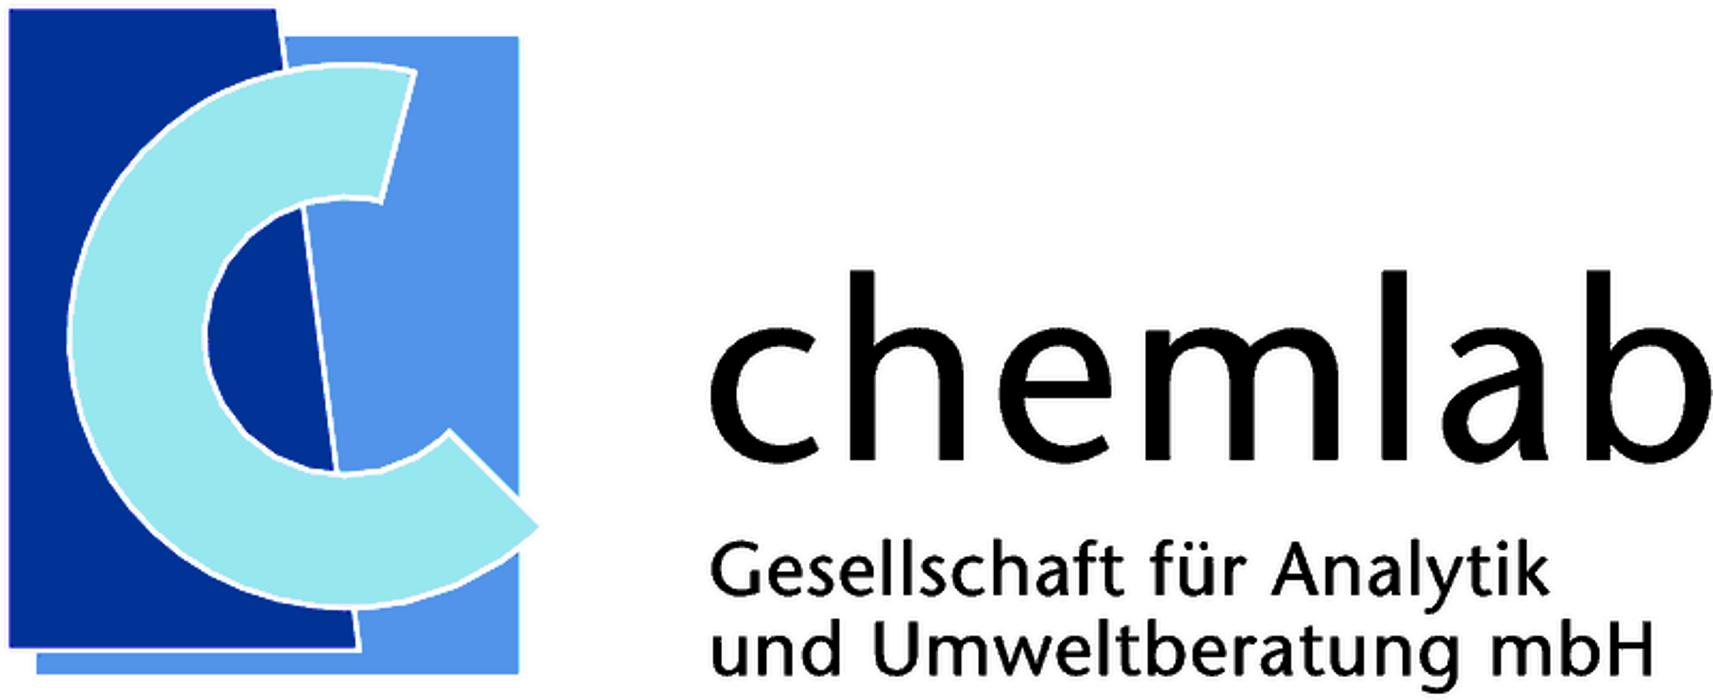 Bild zu chemlab GmbH in Bensheim